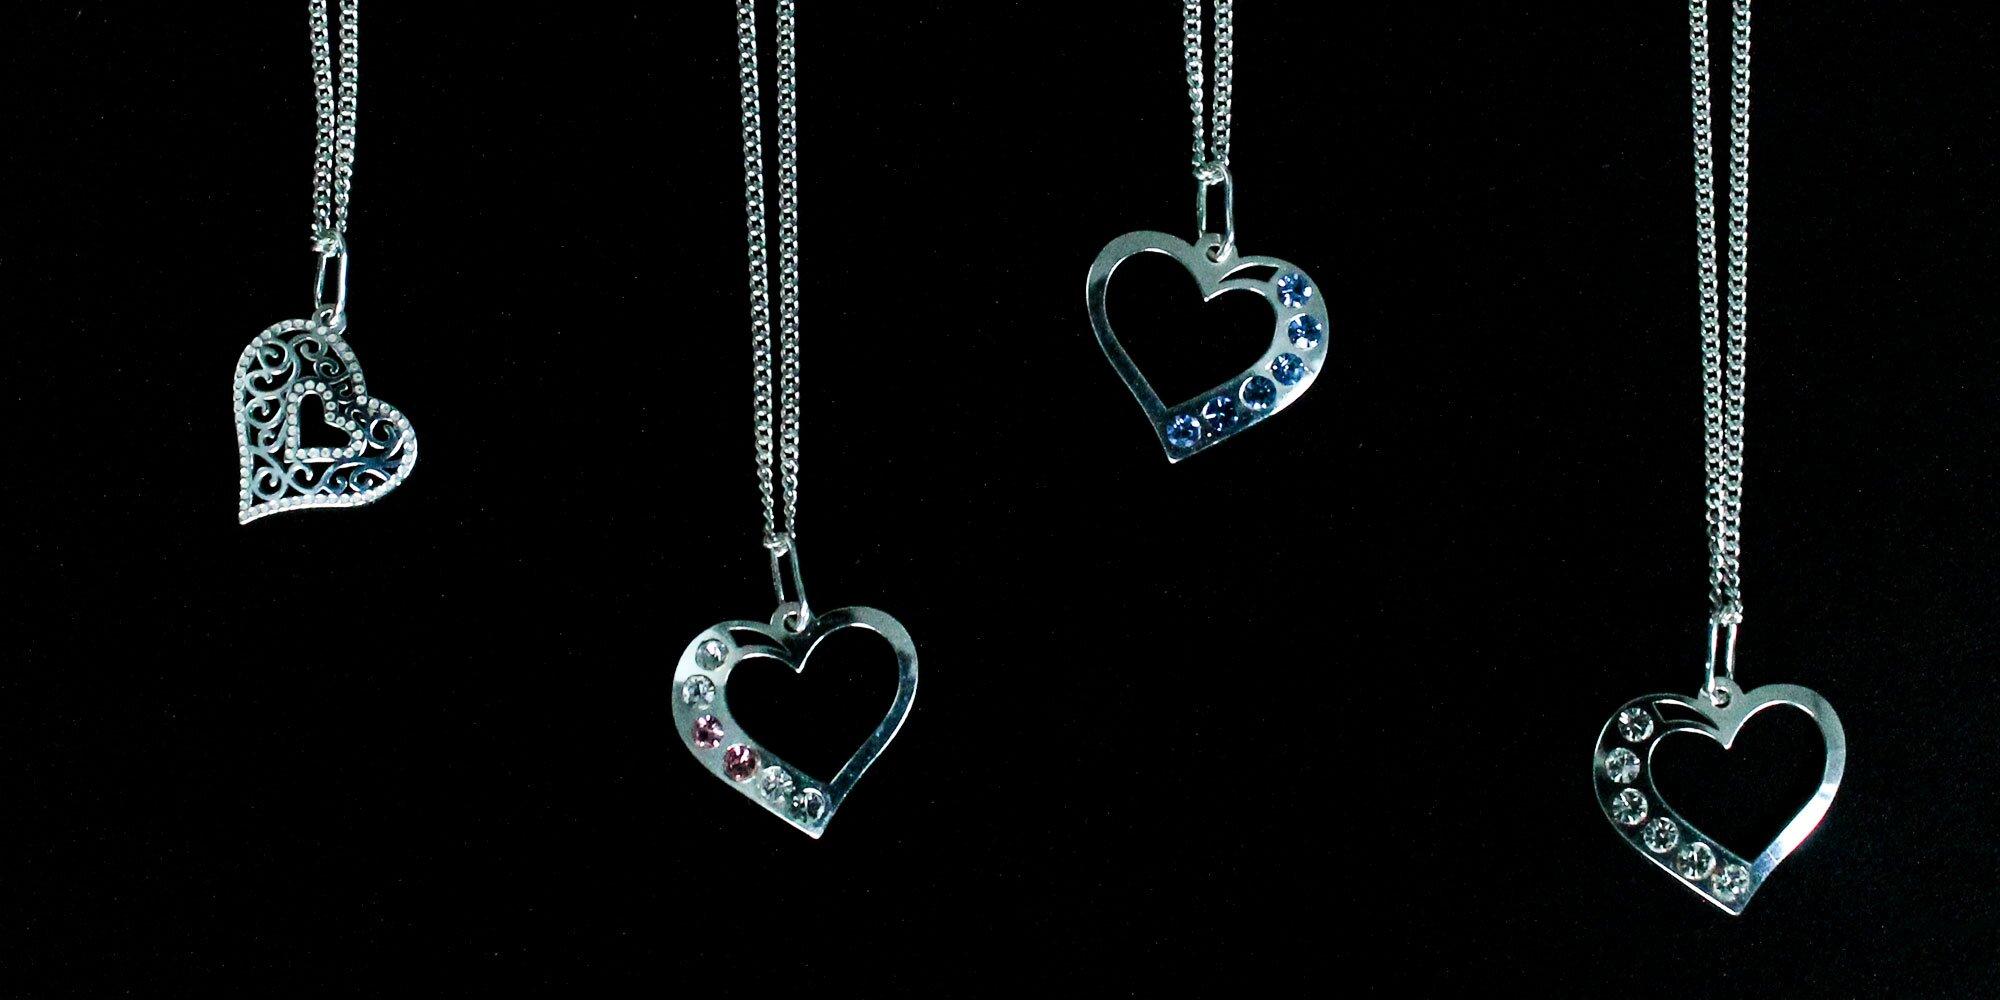 Strieborný náhrdelník Heart Crystal aj s retiazkou  7275643ae8a